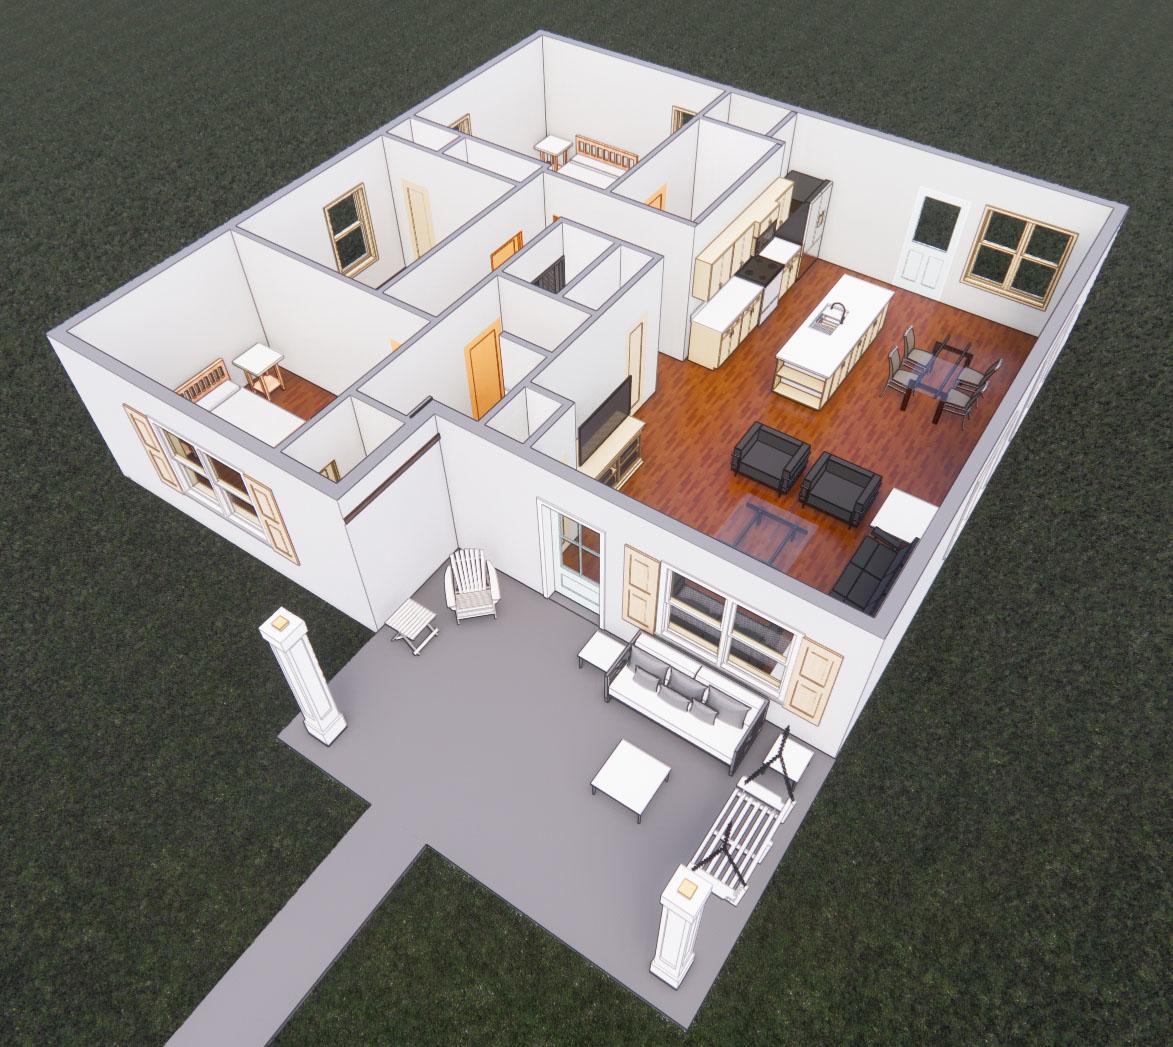 Interiors No Roof 1